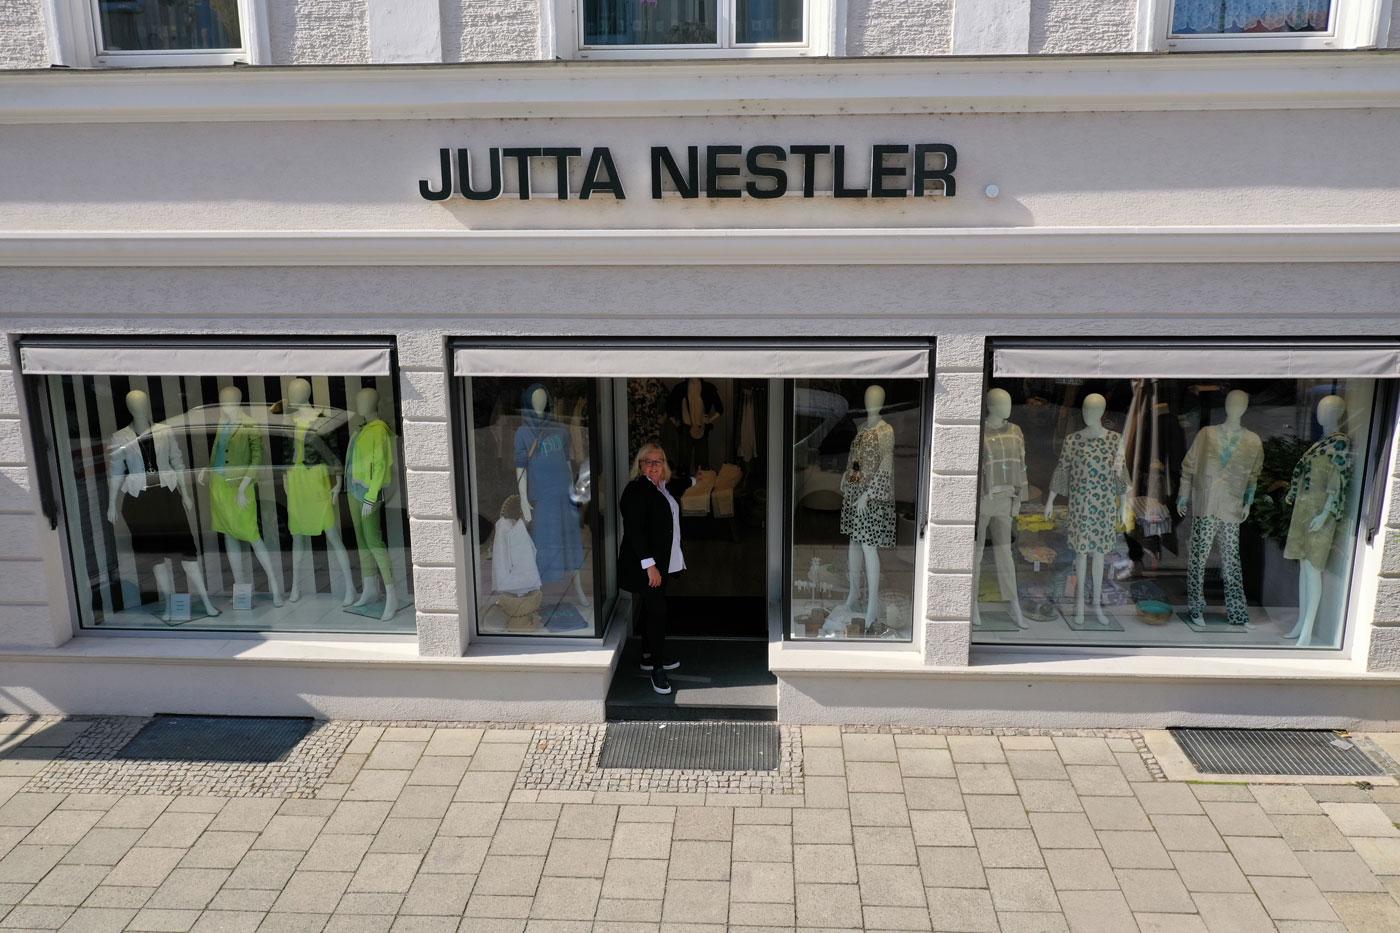 jutta-nestler-events